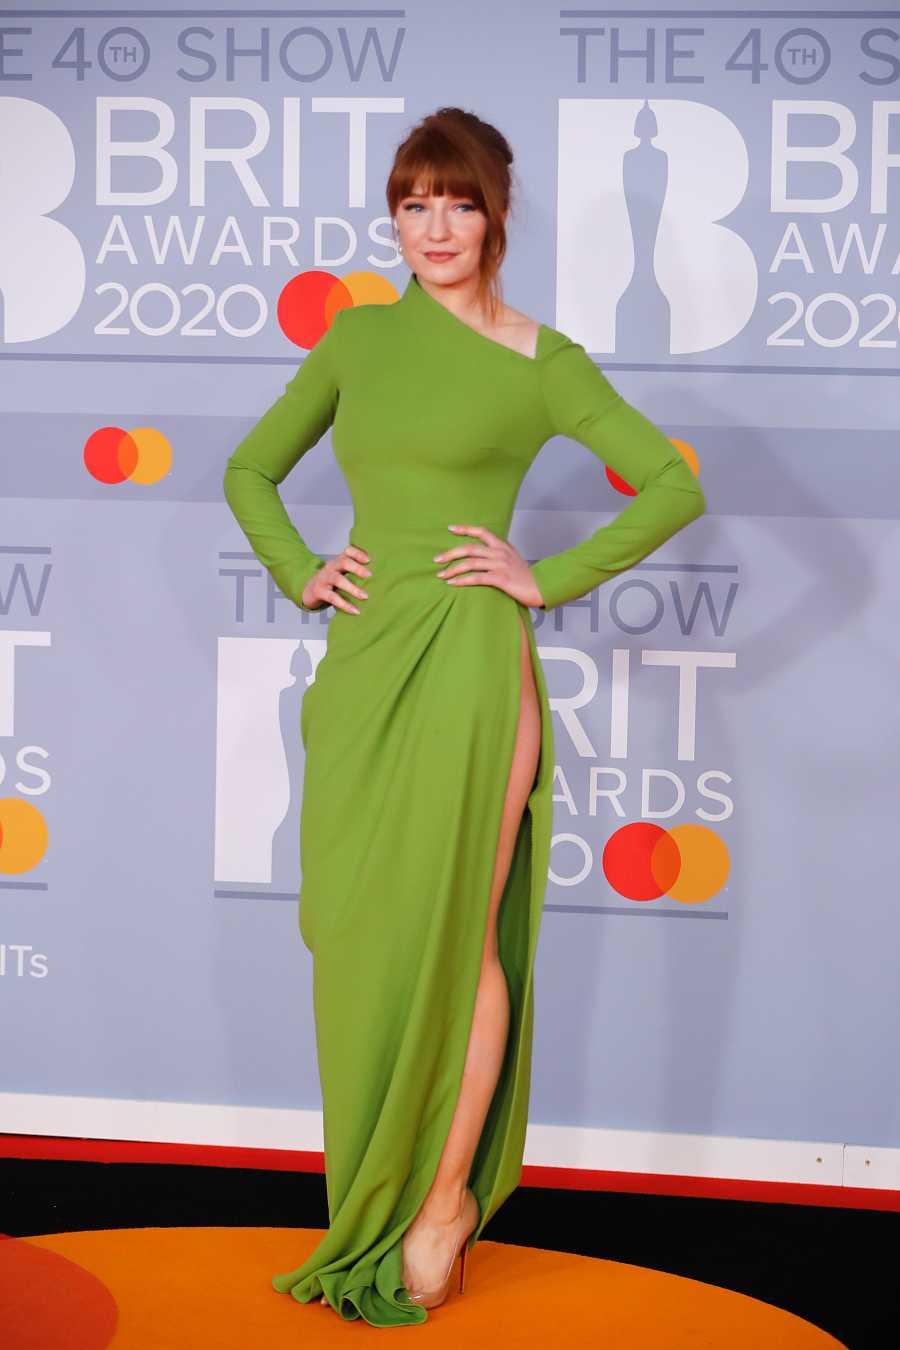 La cantante Nicola Roberts con un vestido verde asimétrico de crêpe con abertura lateral